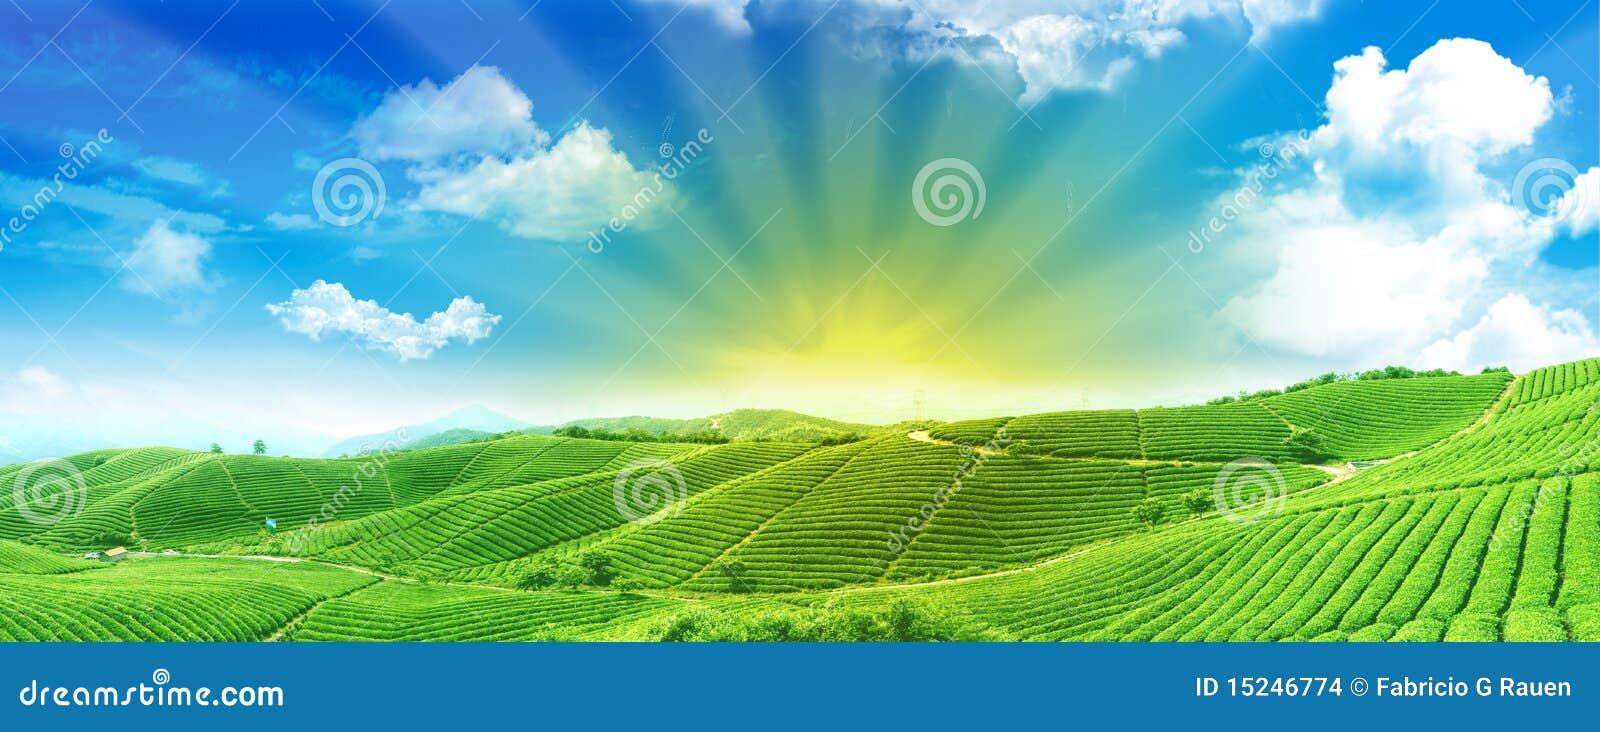 Campos verdes no nascer do sol